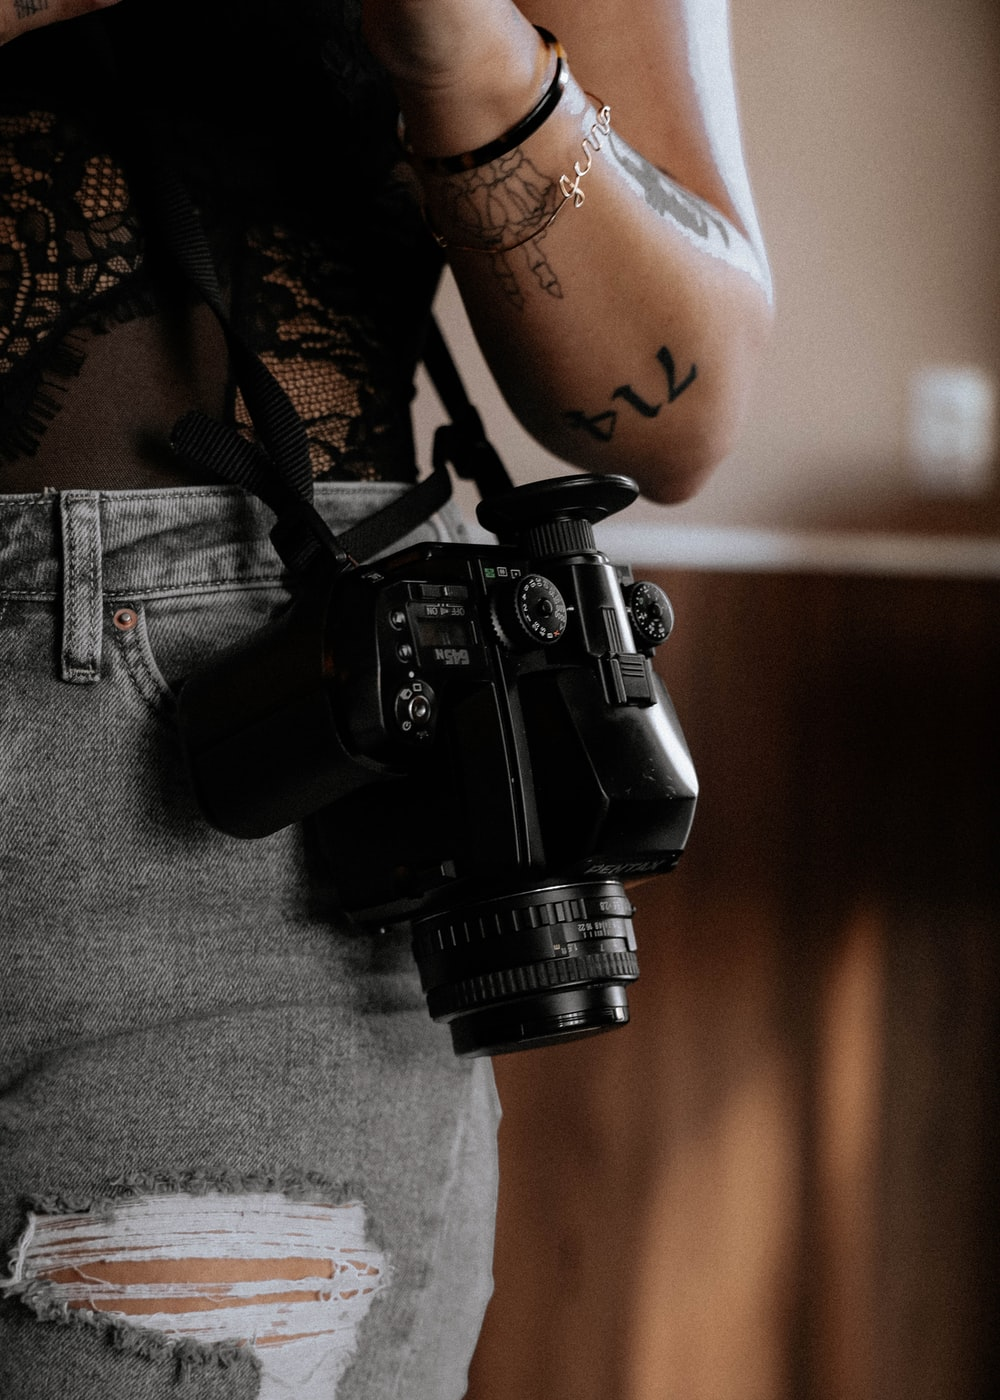 black dslr camera on persons lap